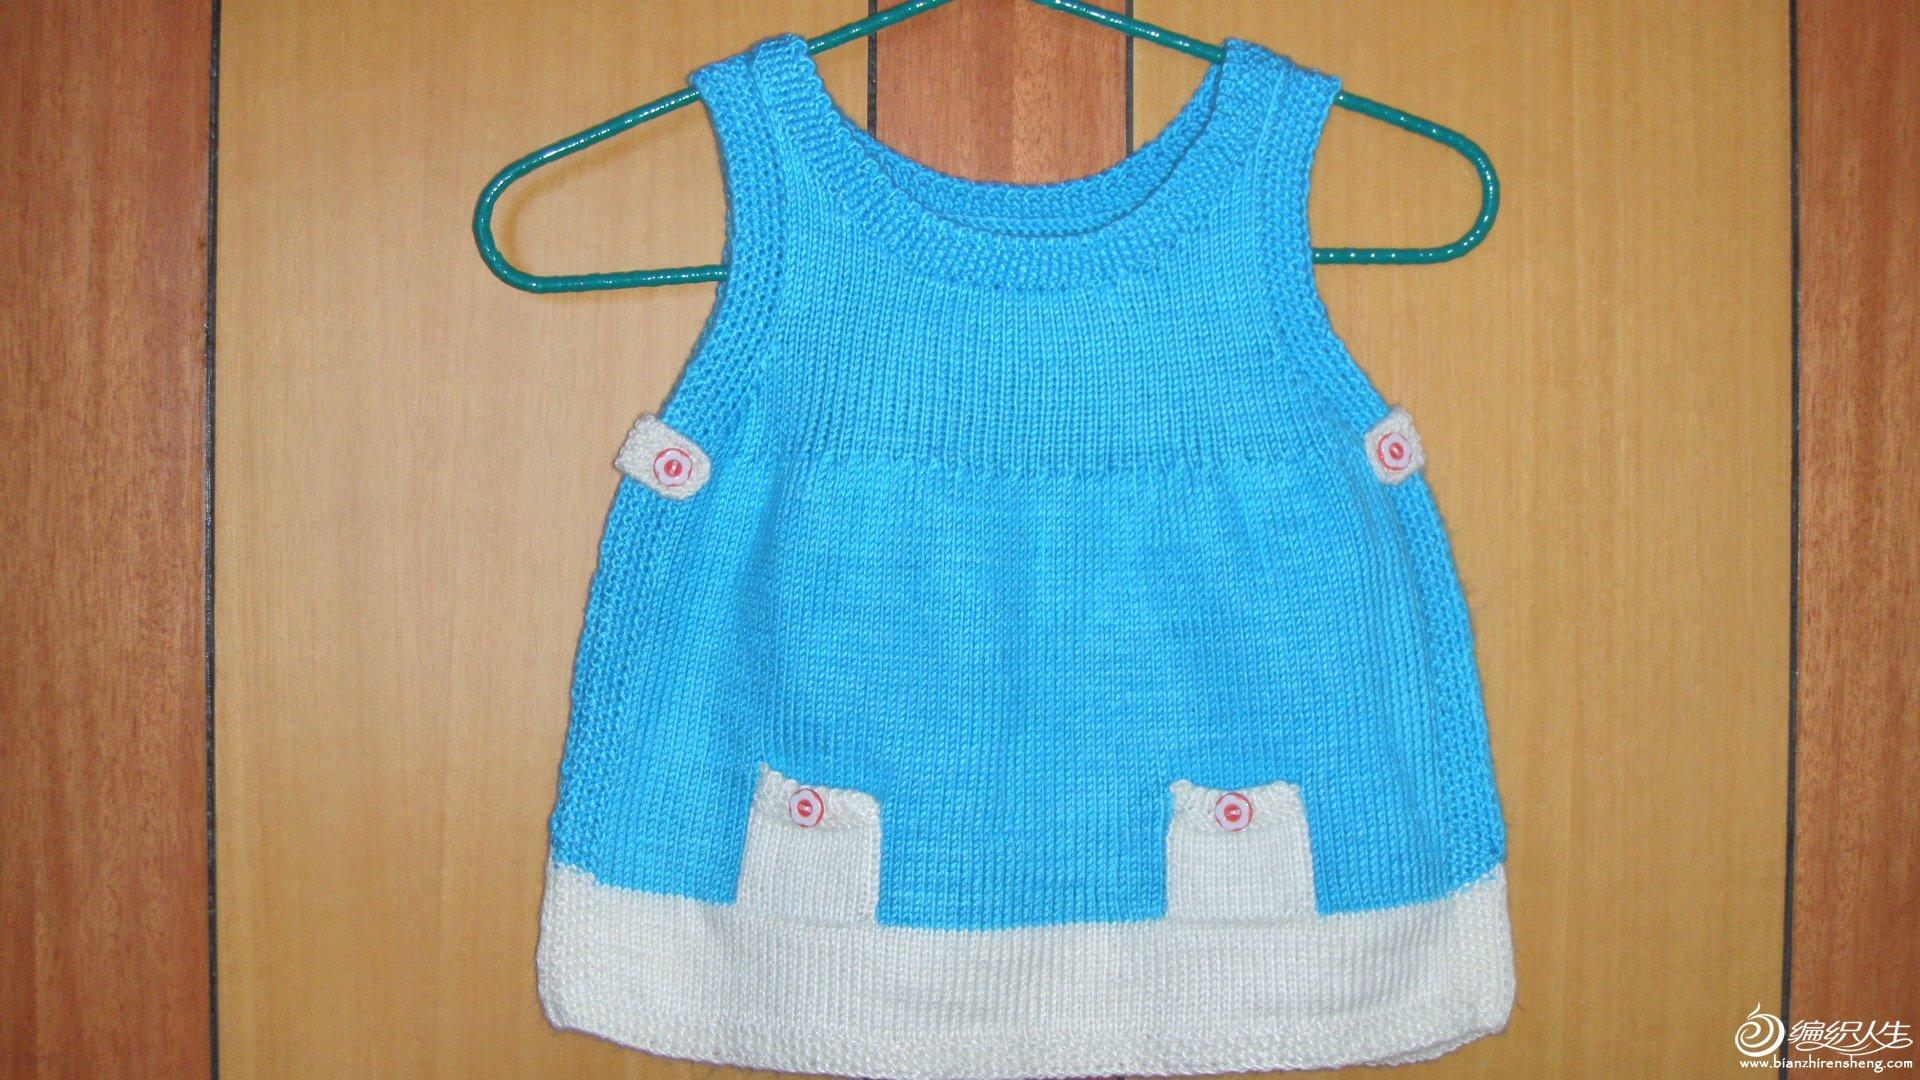 69 儿童毛衣(棒针) 69 2005-2010年归档 69 可爱的婴儿背心裙